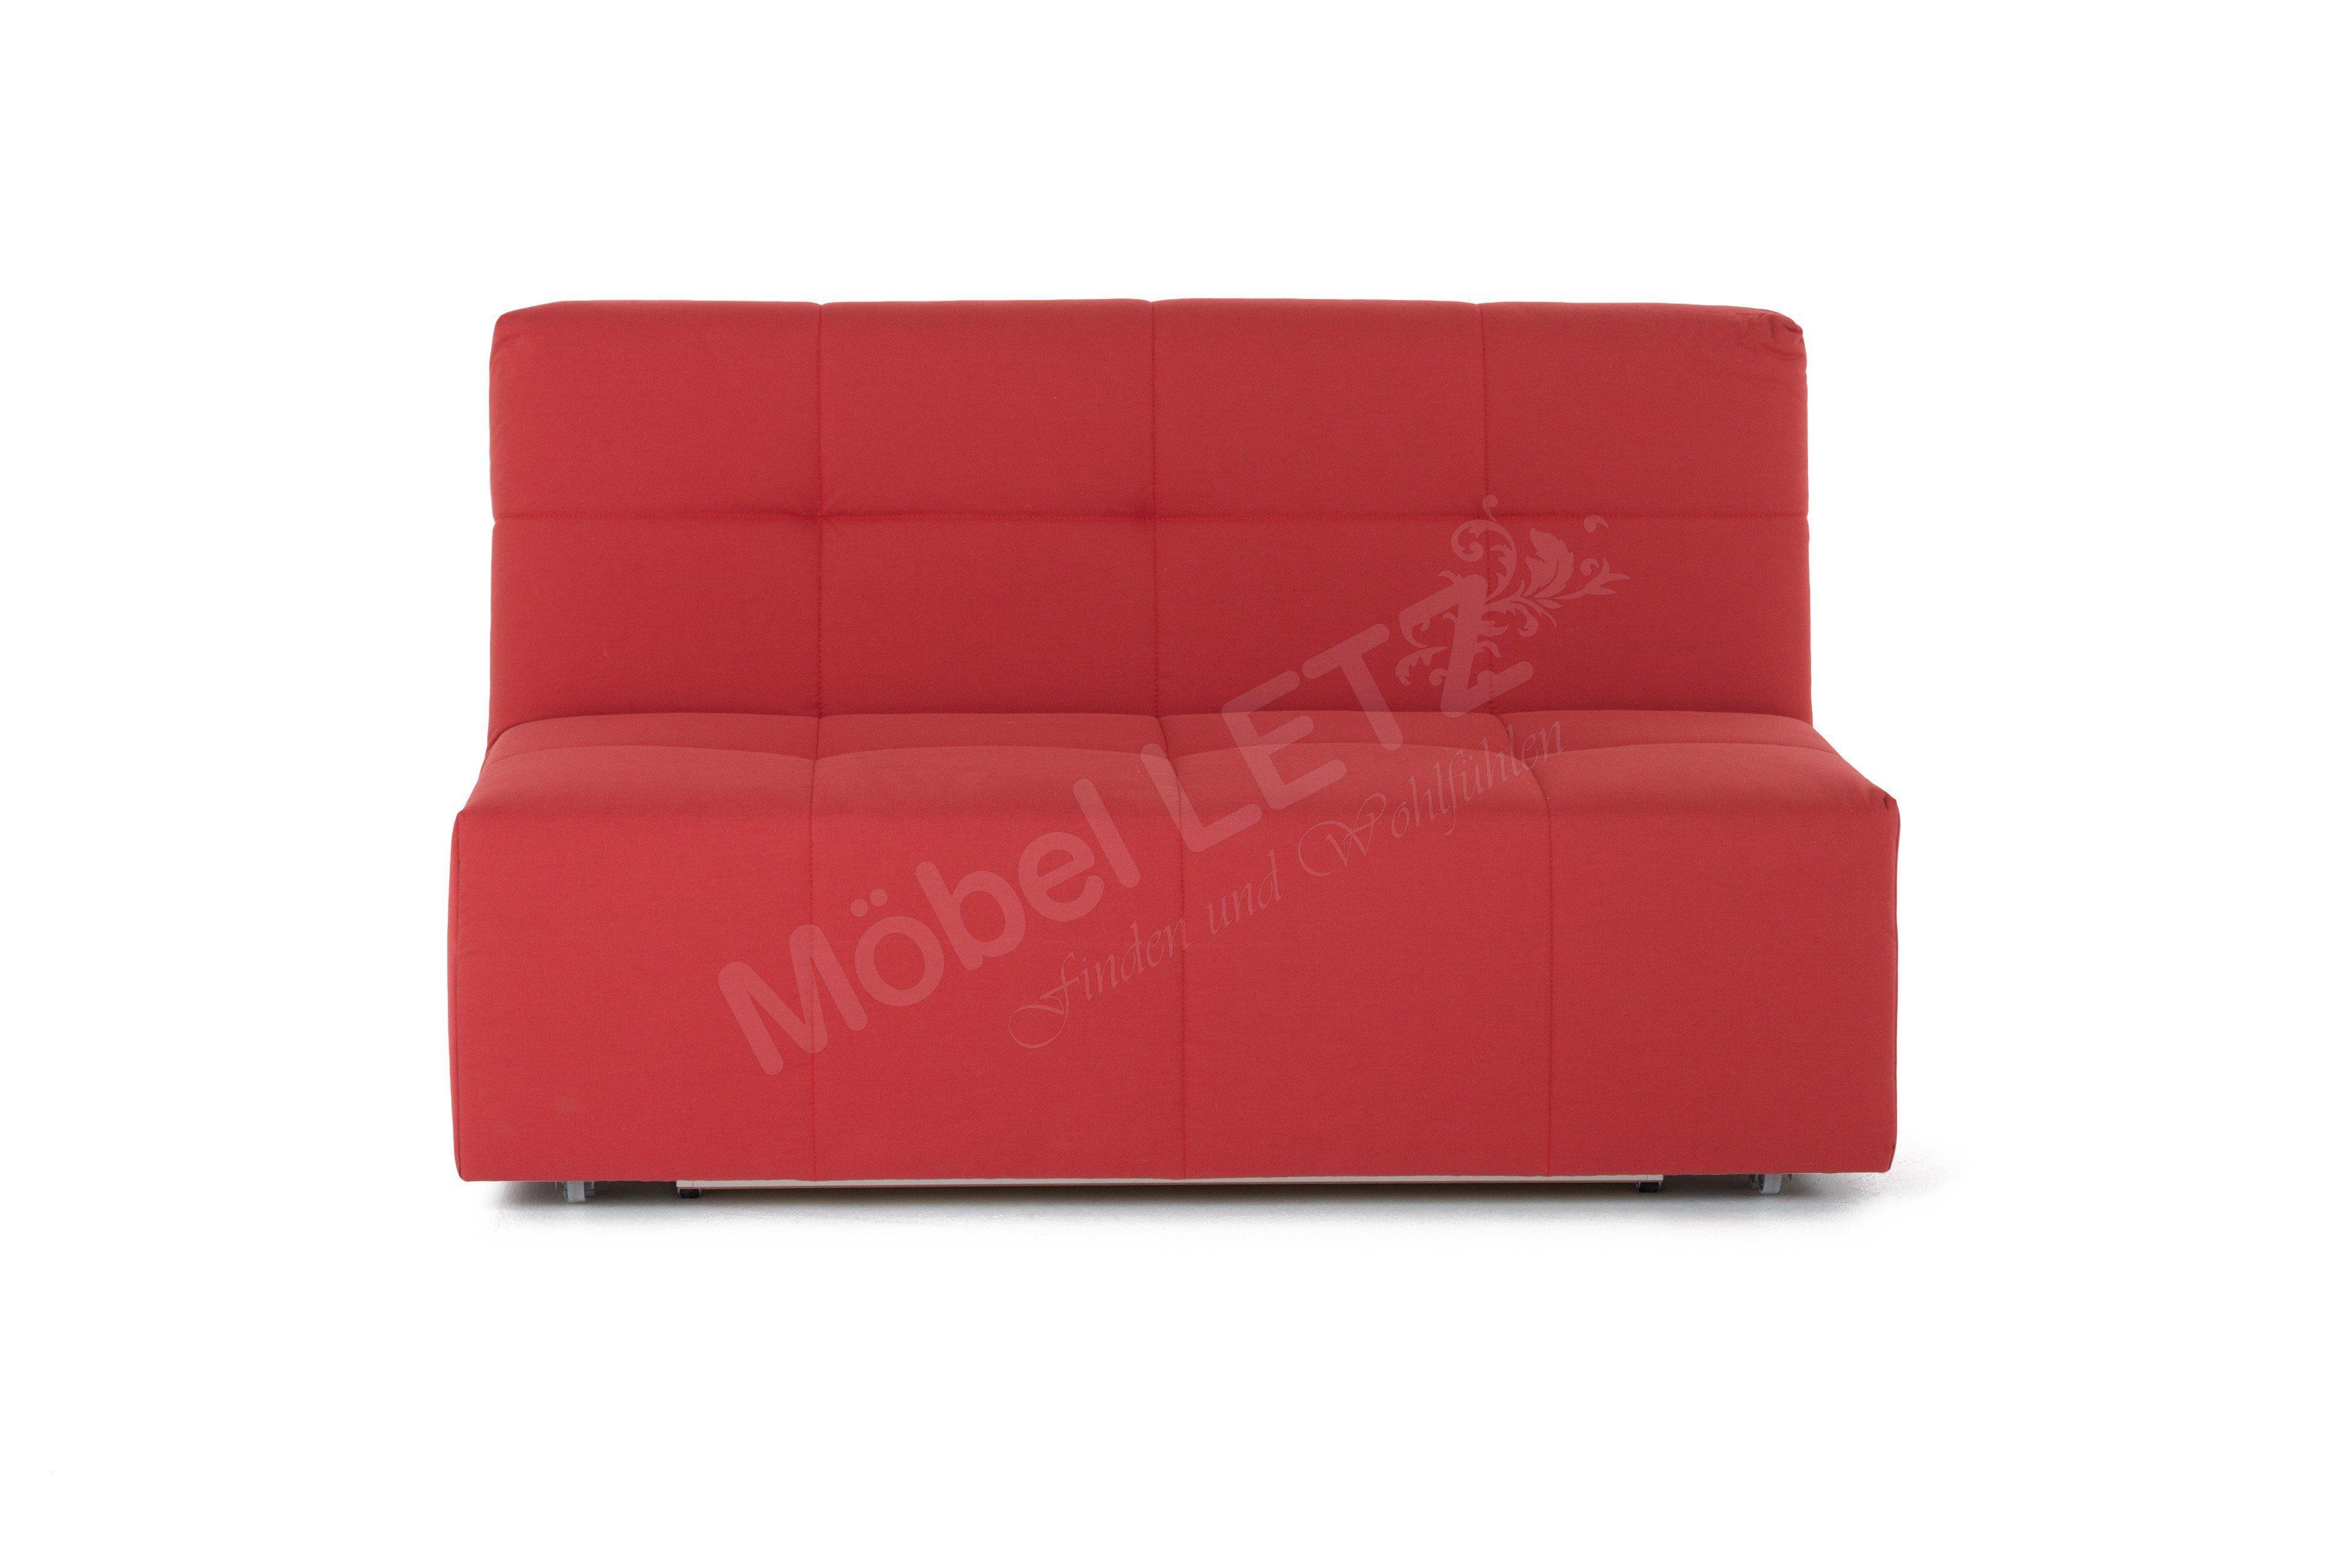 nehl wohnideen solino schlafsofa in rot m bel letz ihr. Black Bedroom Furniture Sets. Home Design Ideas